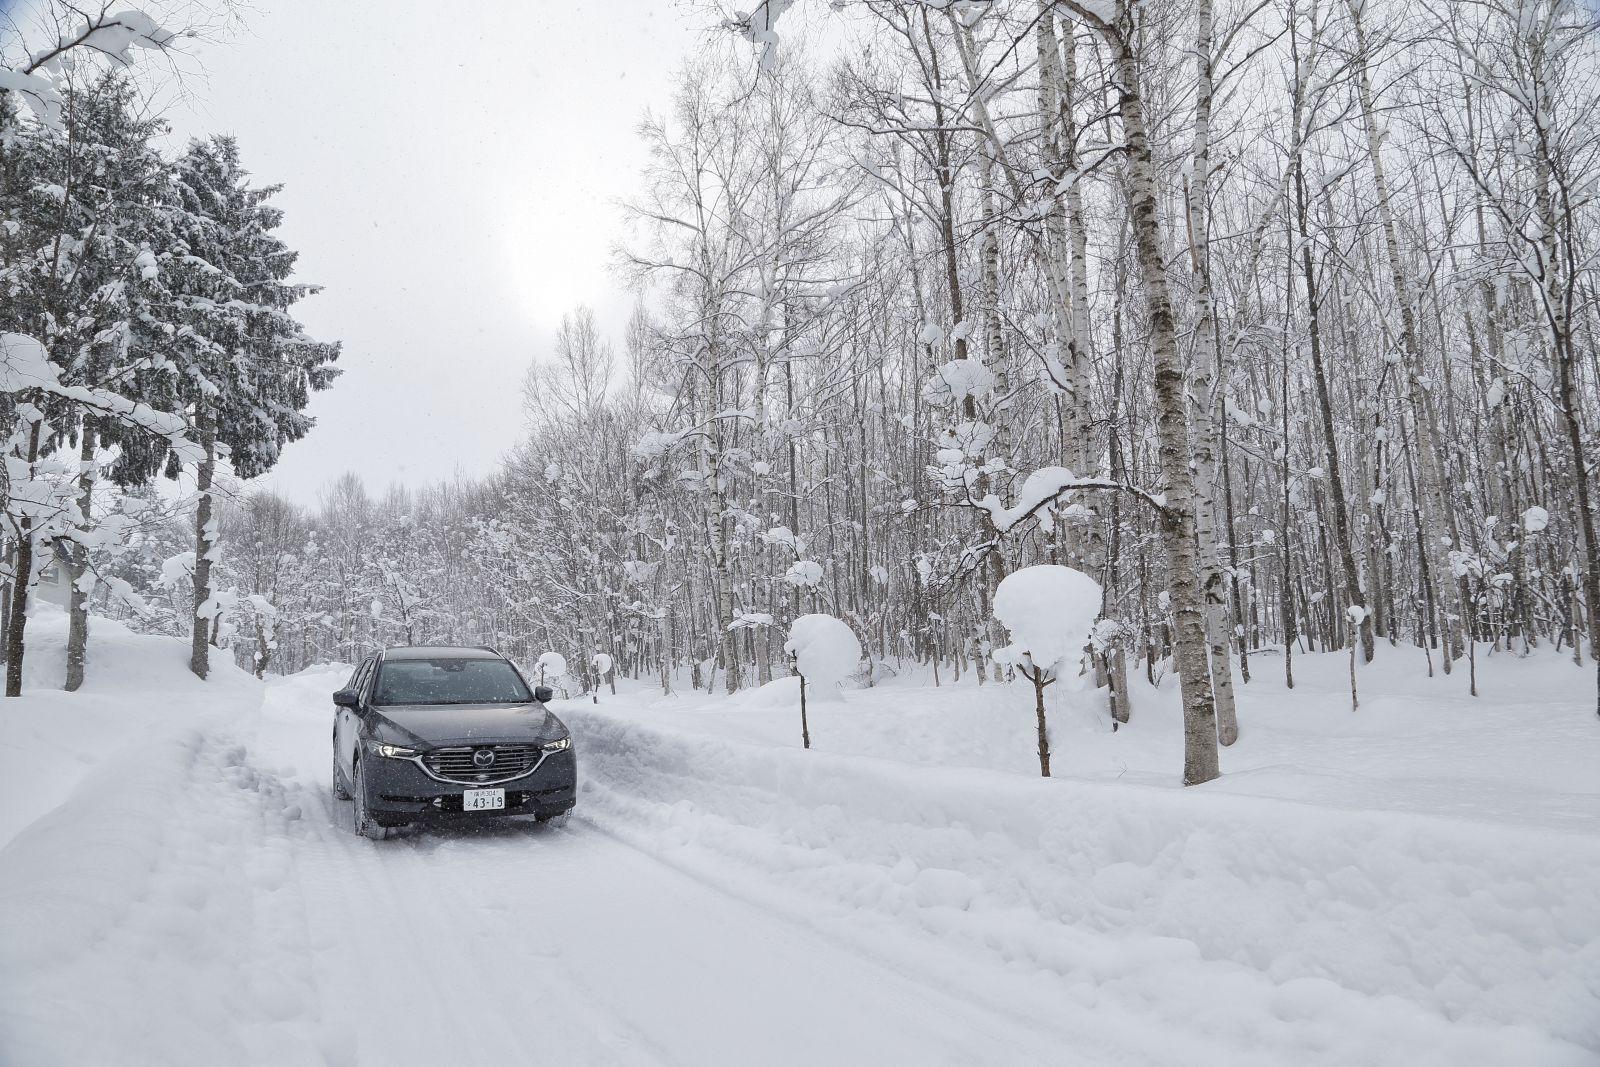 ▲走ったコースは、雪が絶えず降っているためにソフトな圧雪路だったのでスタッドレスタイヤも性能を発揮しやすい